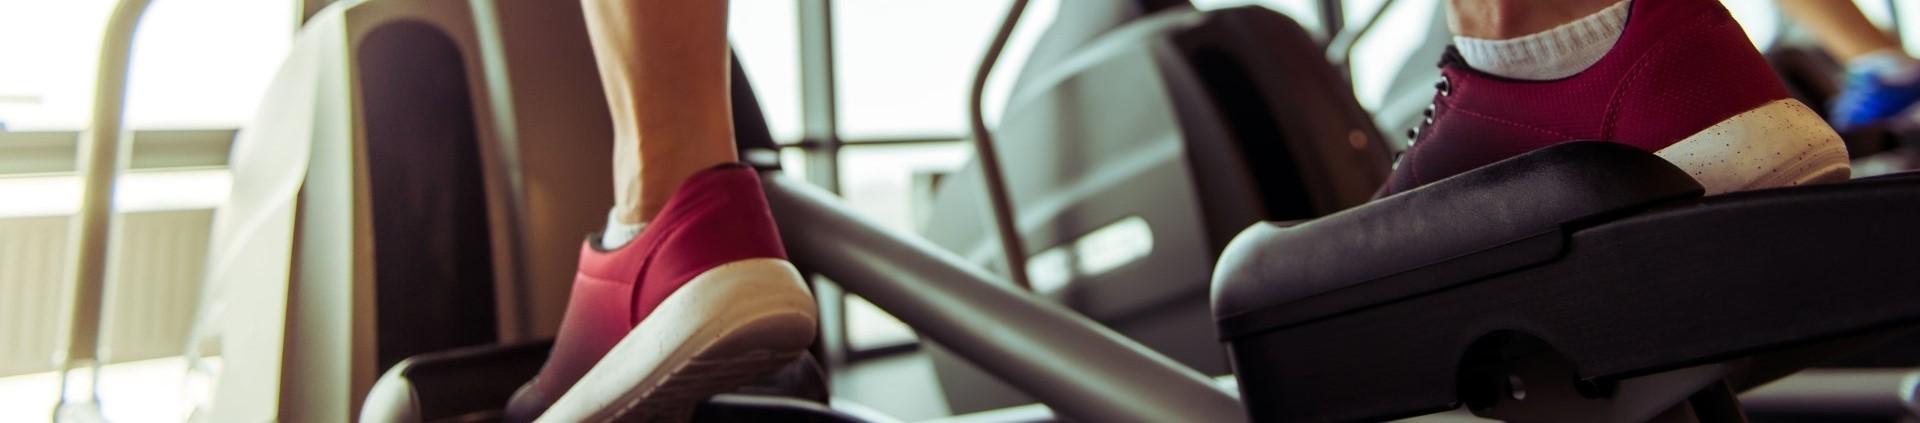 Orbitreki do szkoły i siłowni - Powerman Sport